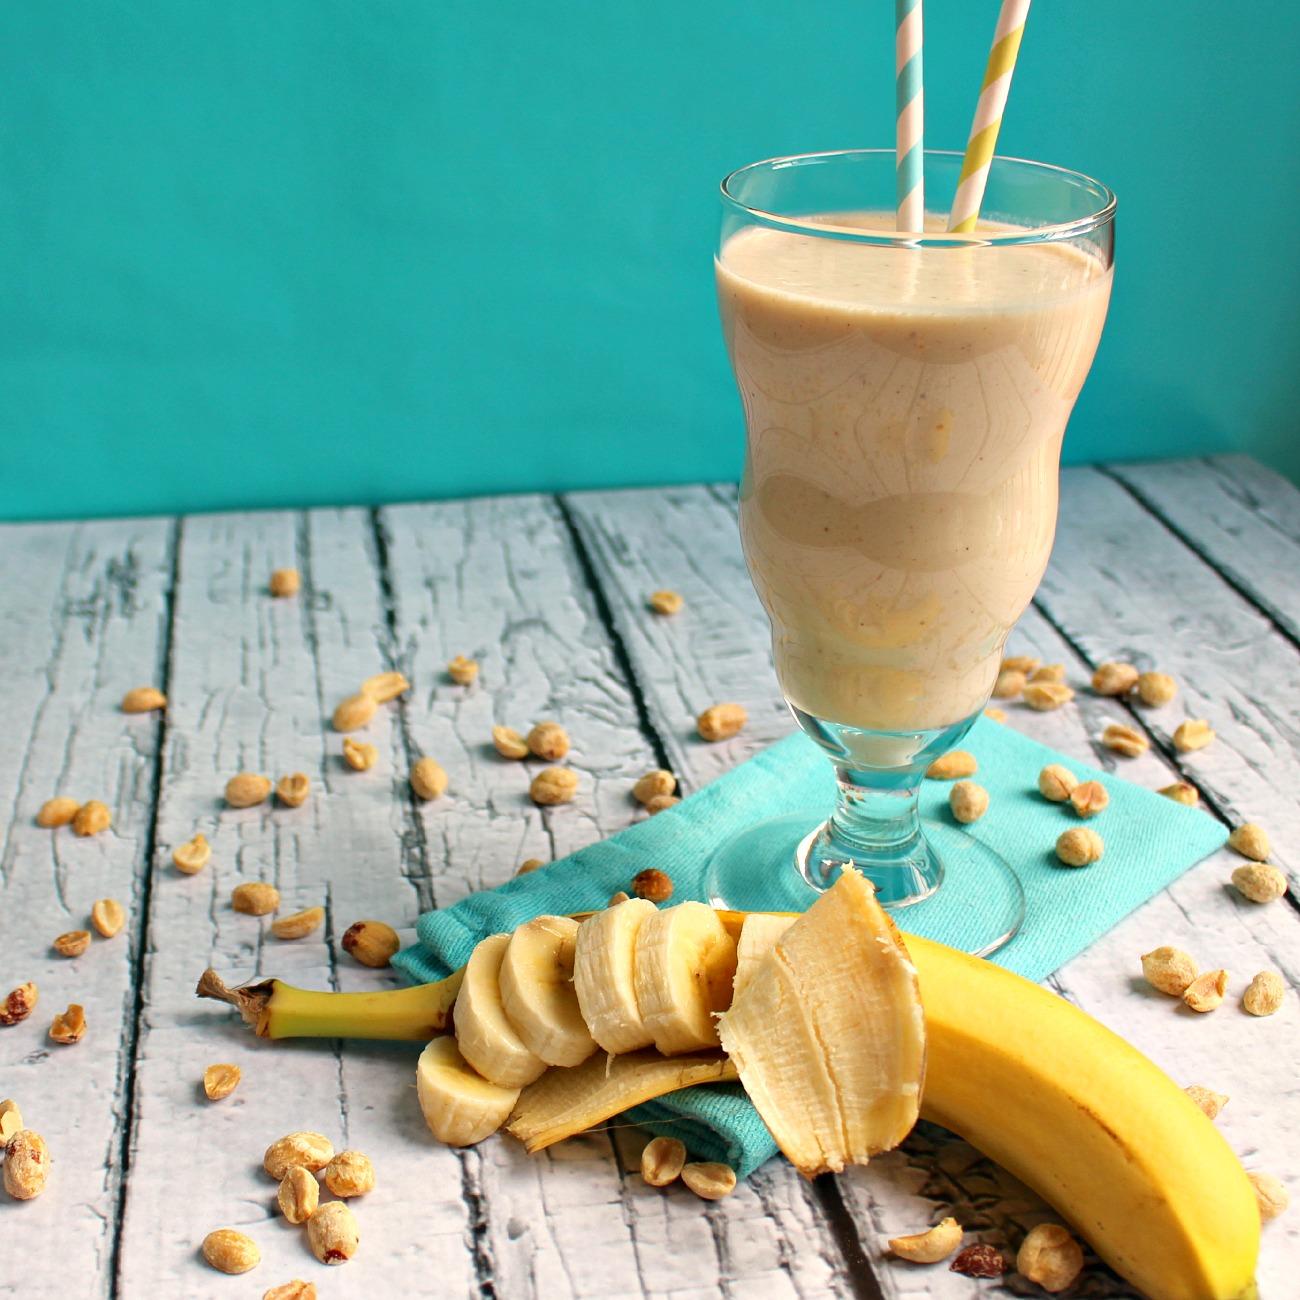 banana-kikiriki-shejk